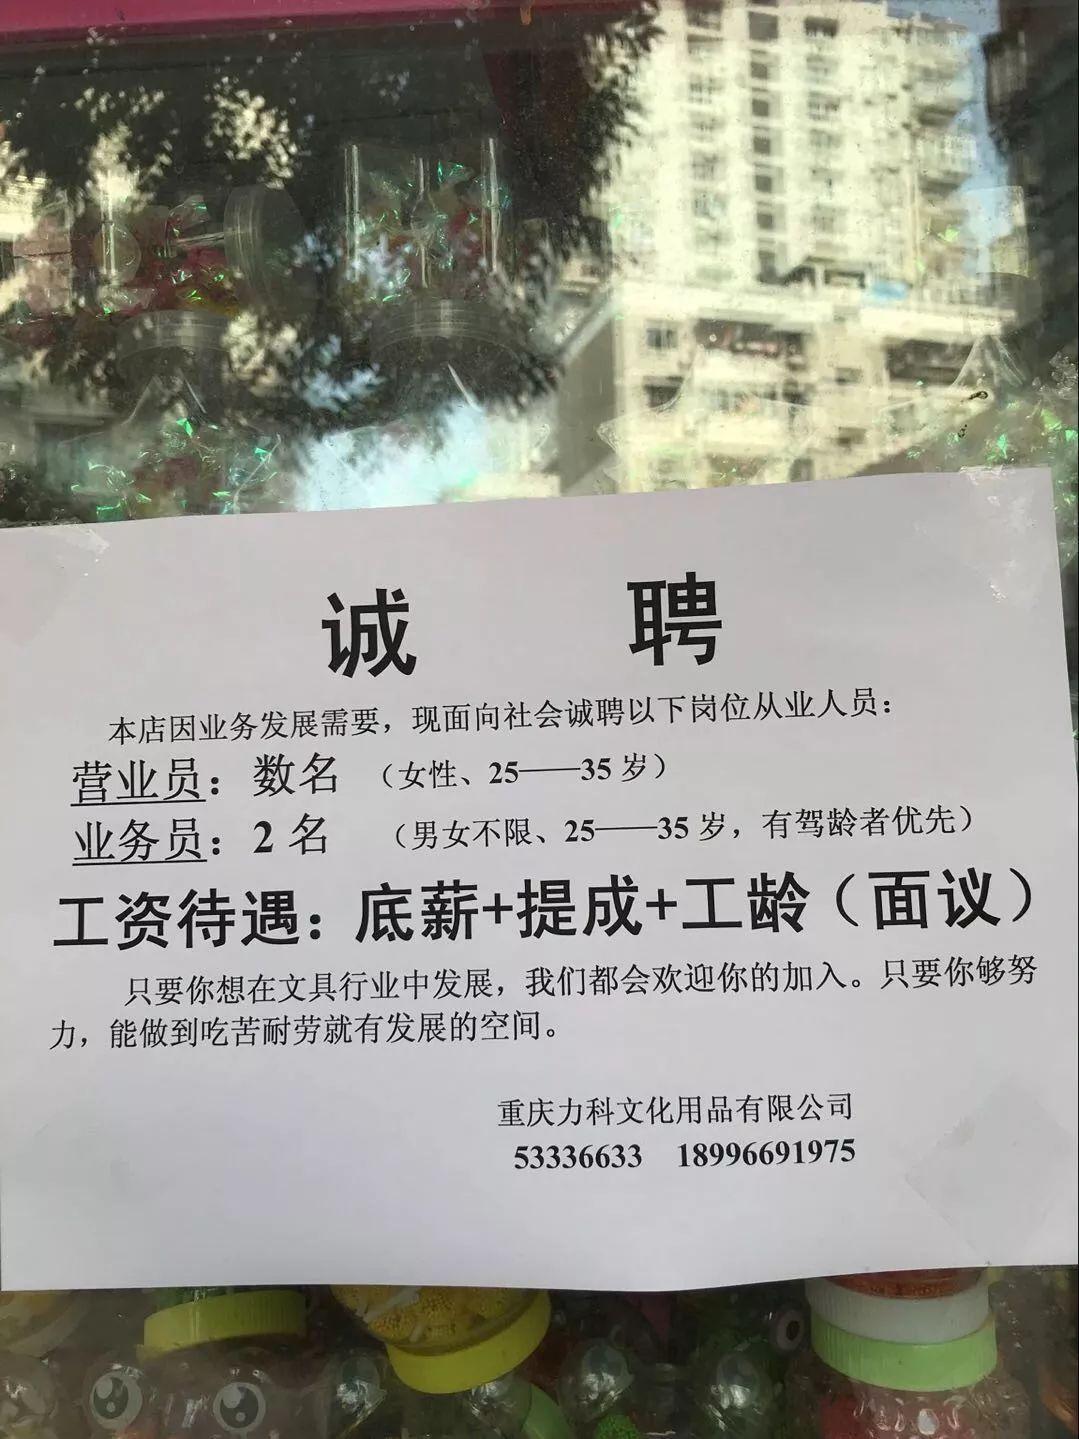 2018221梁平人才网最新招聘音讯